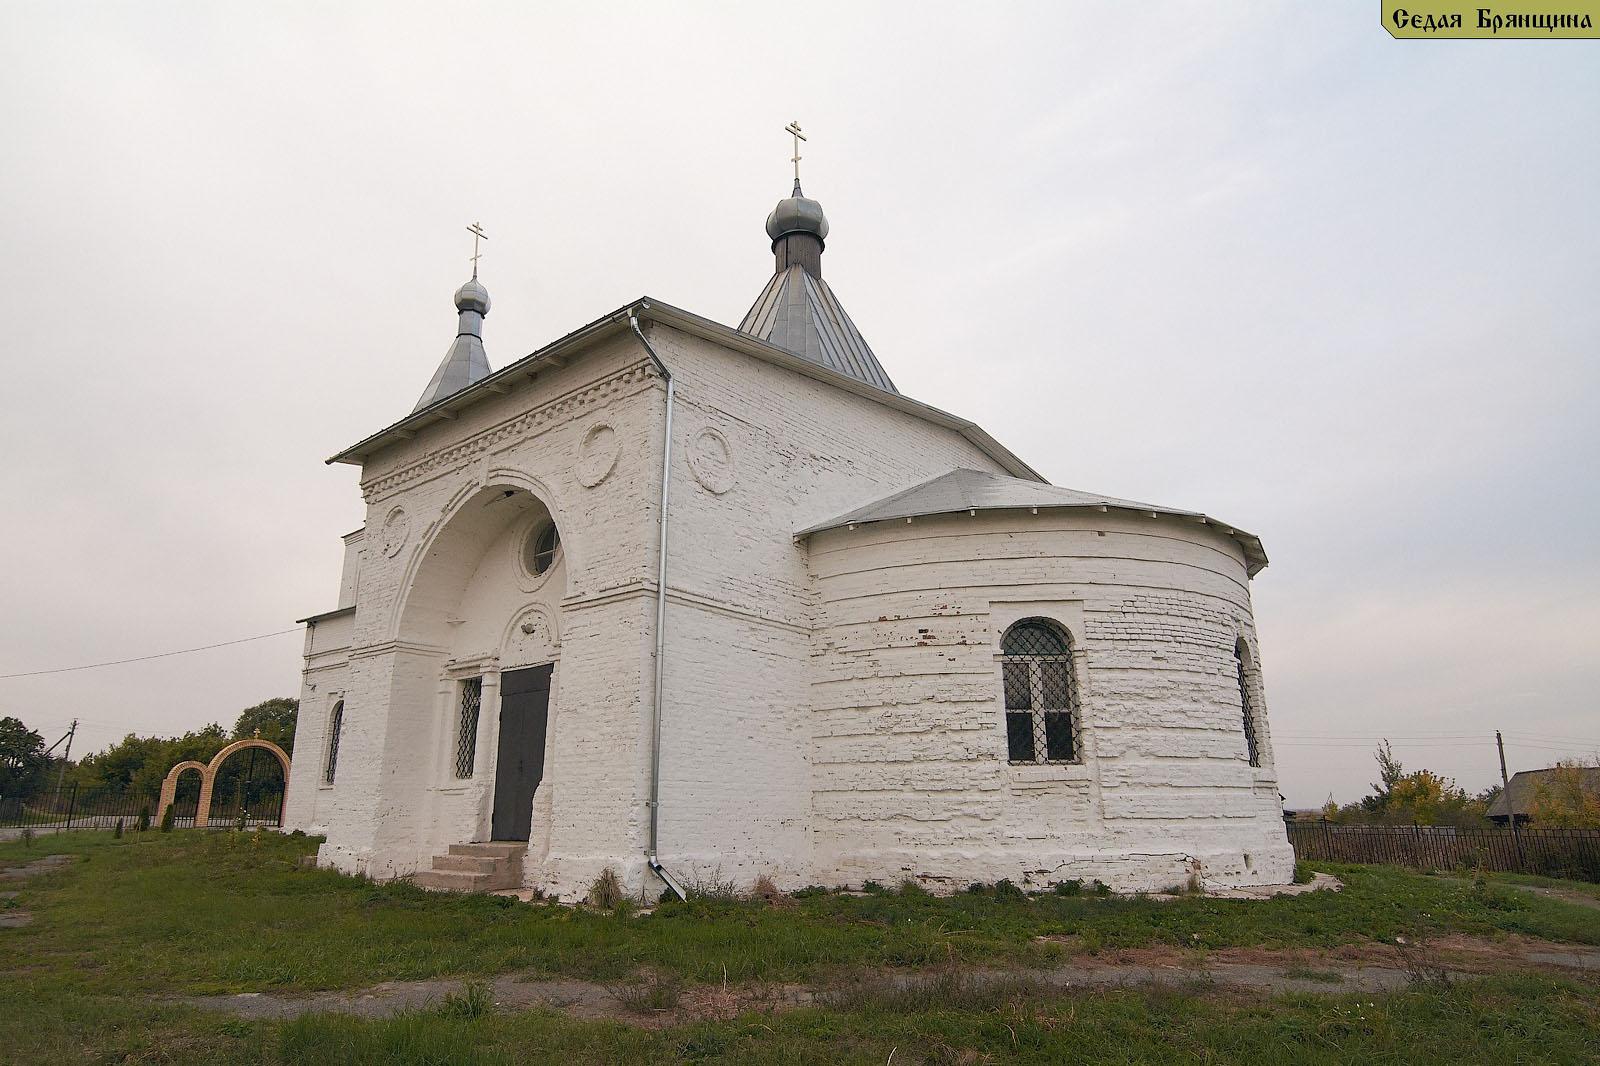 Любожичи. Церковь Воскресения Христова (сентябрь 2014)